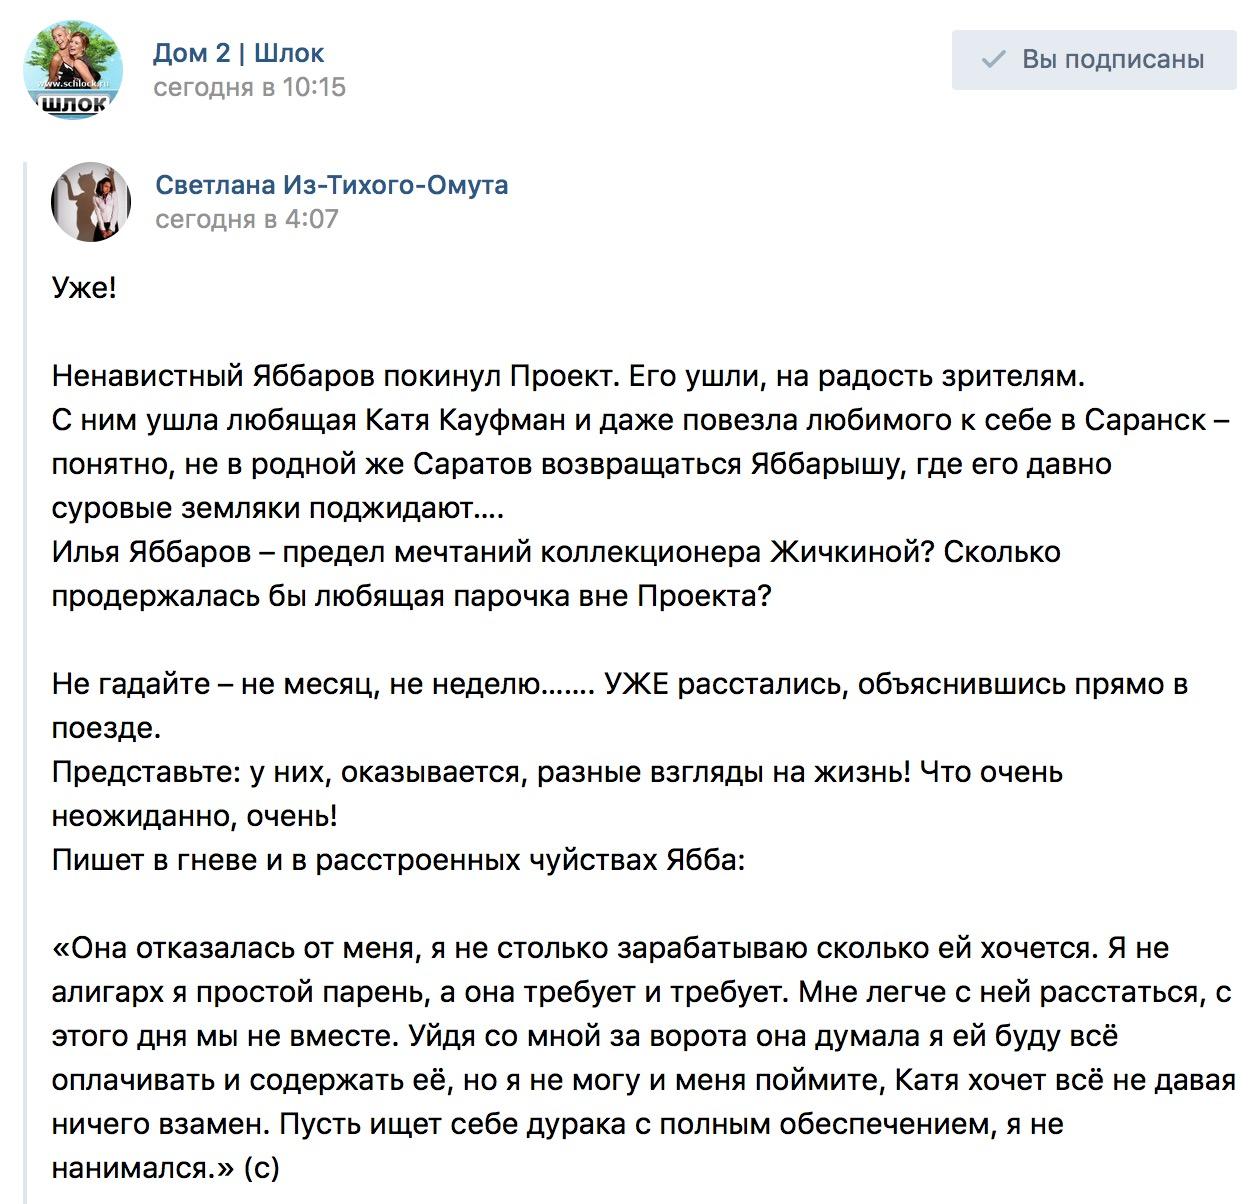 Ненавистный Яббаров покинул Проект